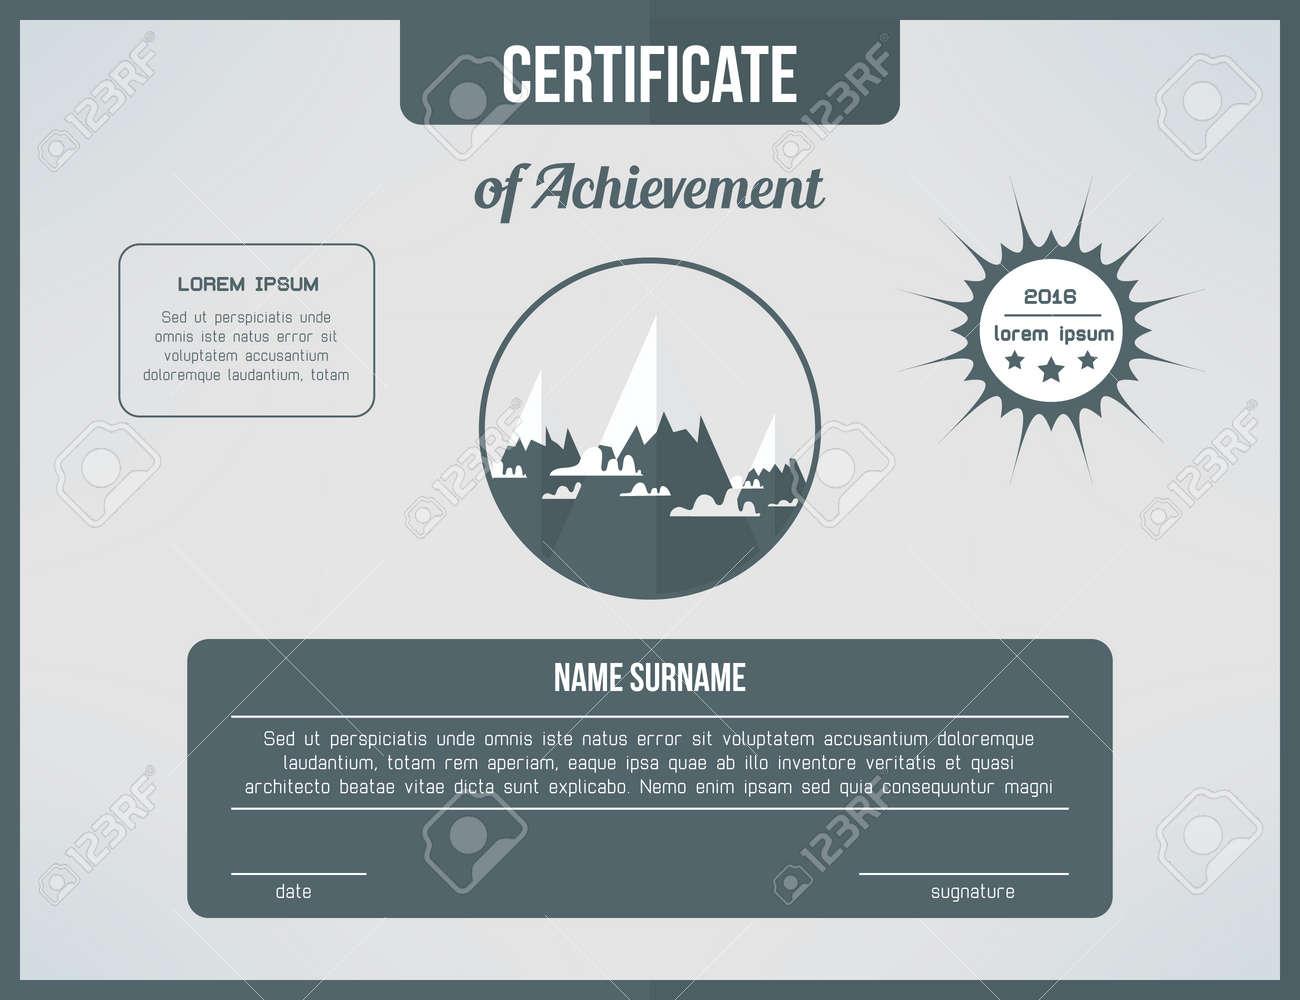 Zertifikatvorlage Für Die Leistung. Grau Zertifikat Design Mit ...